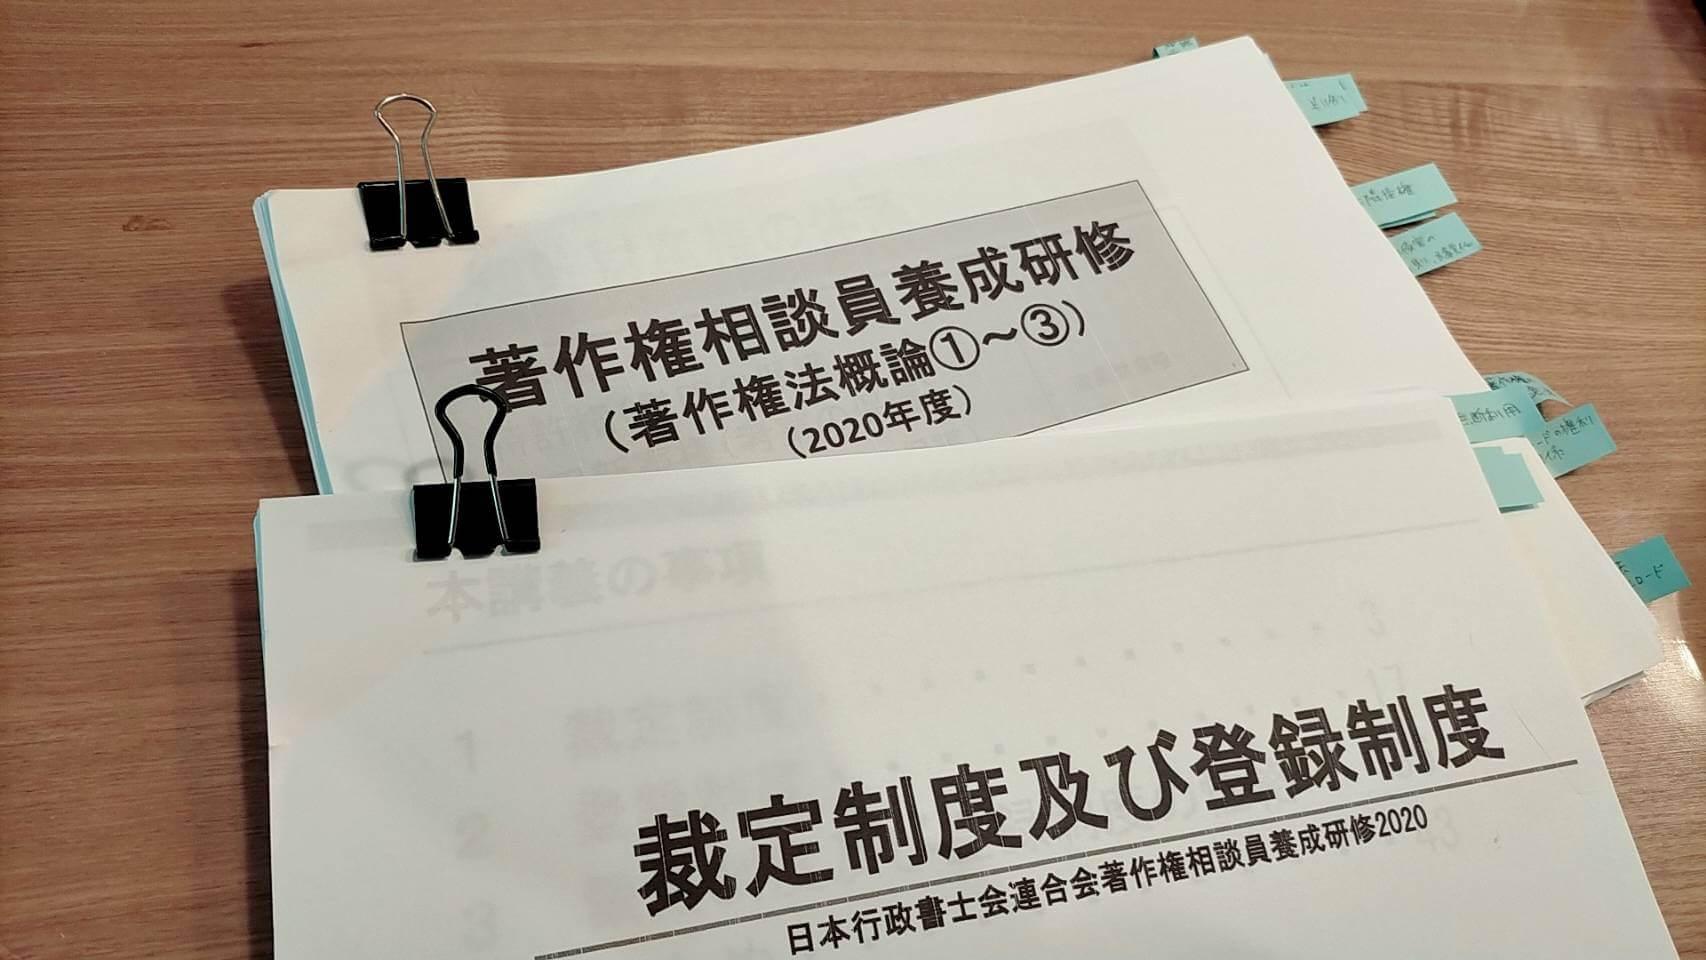 著作権相談員テキスト